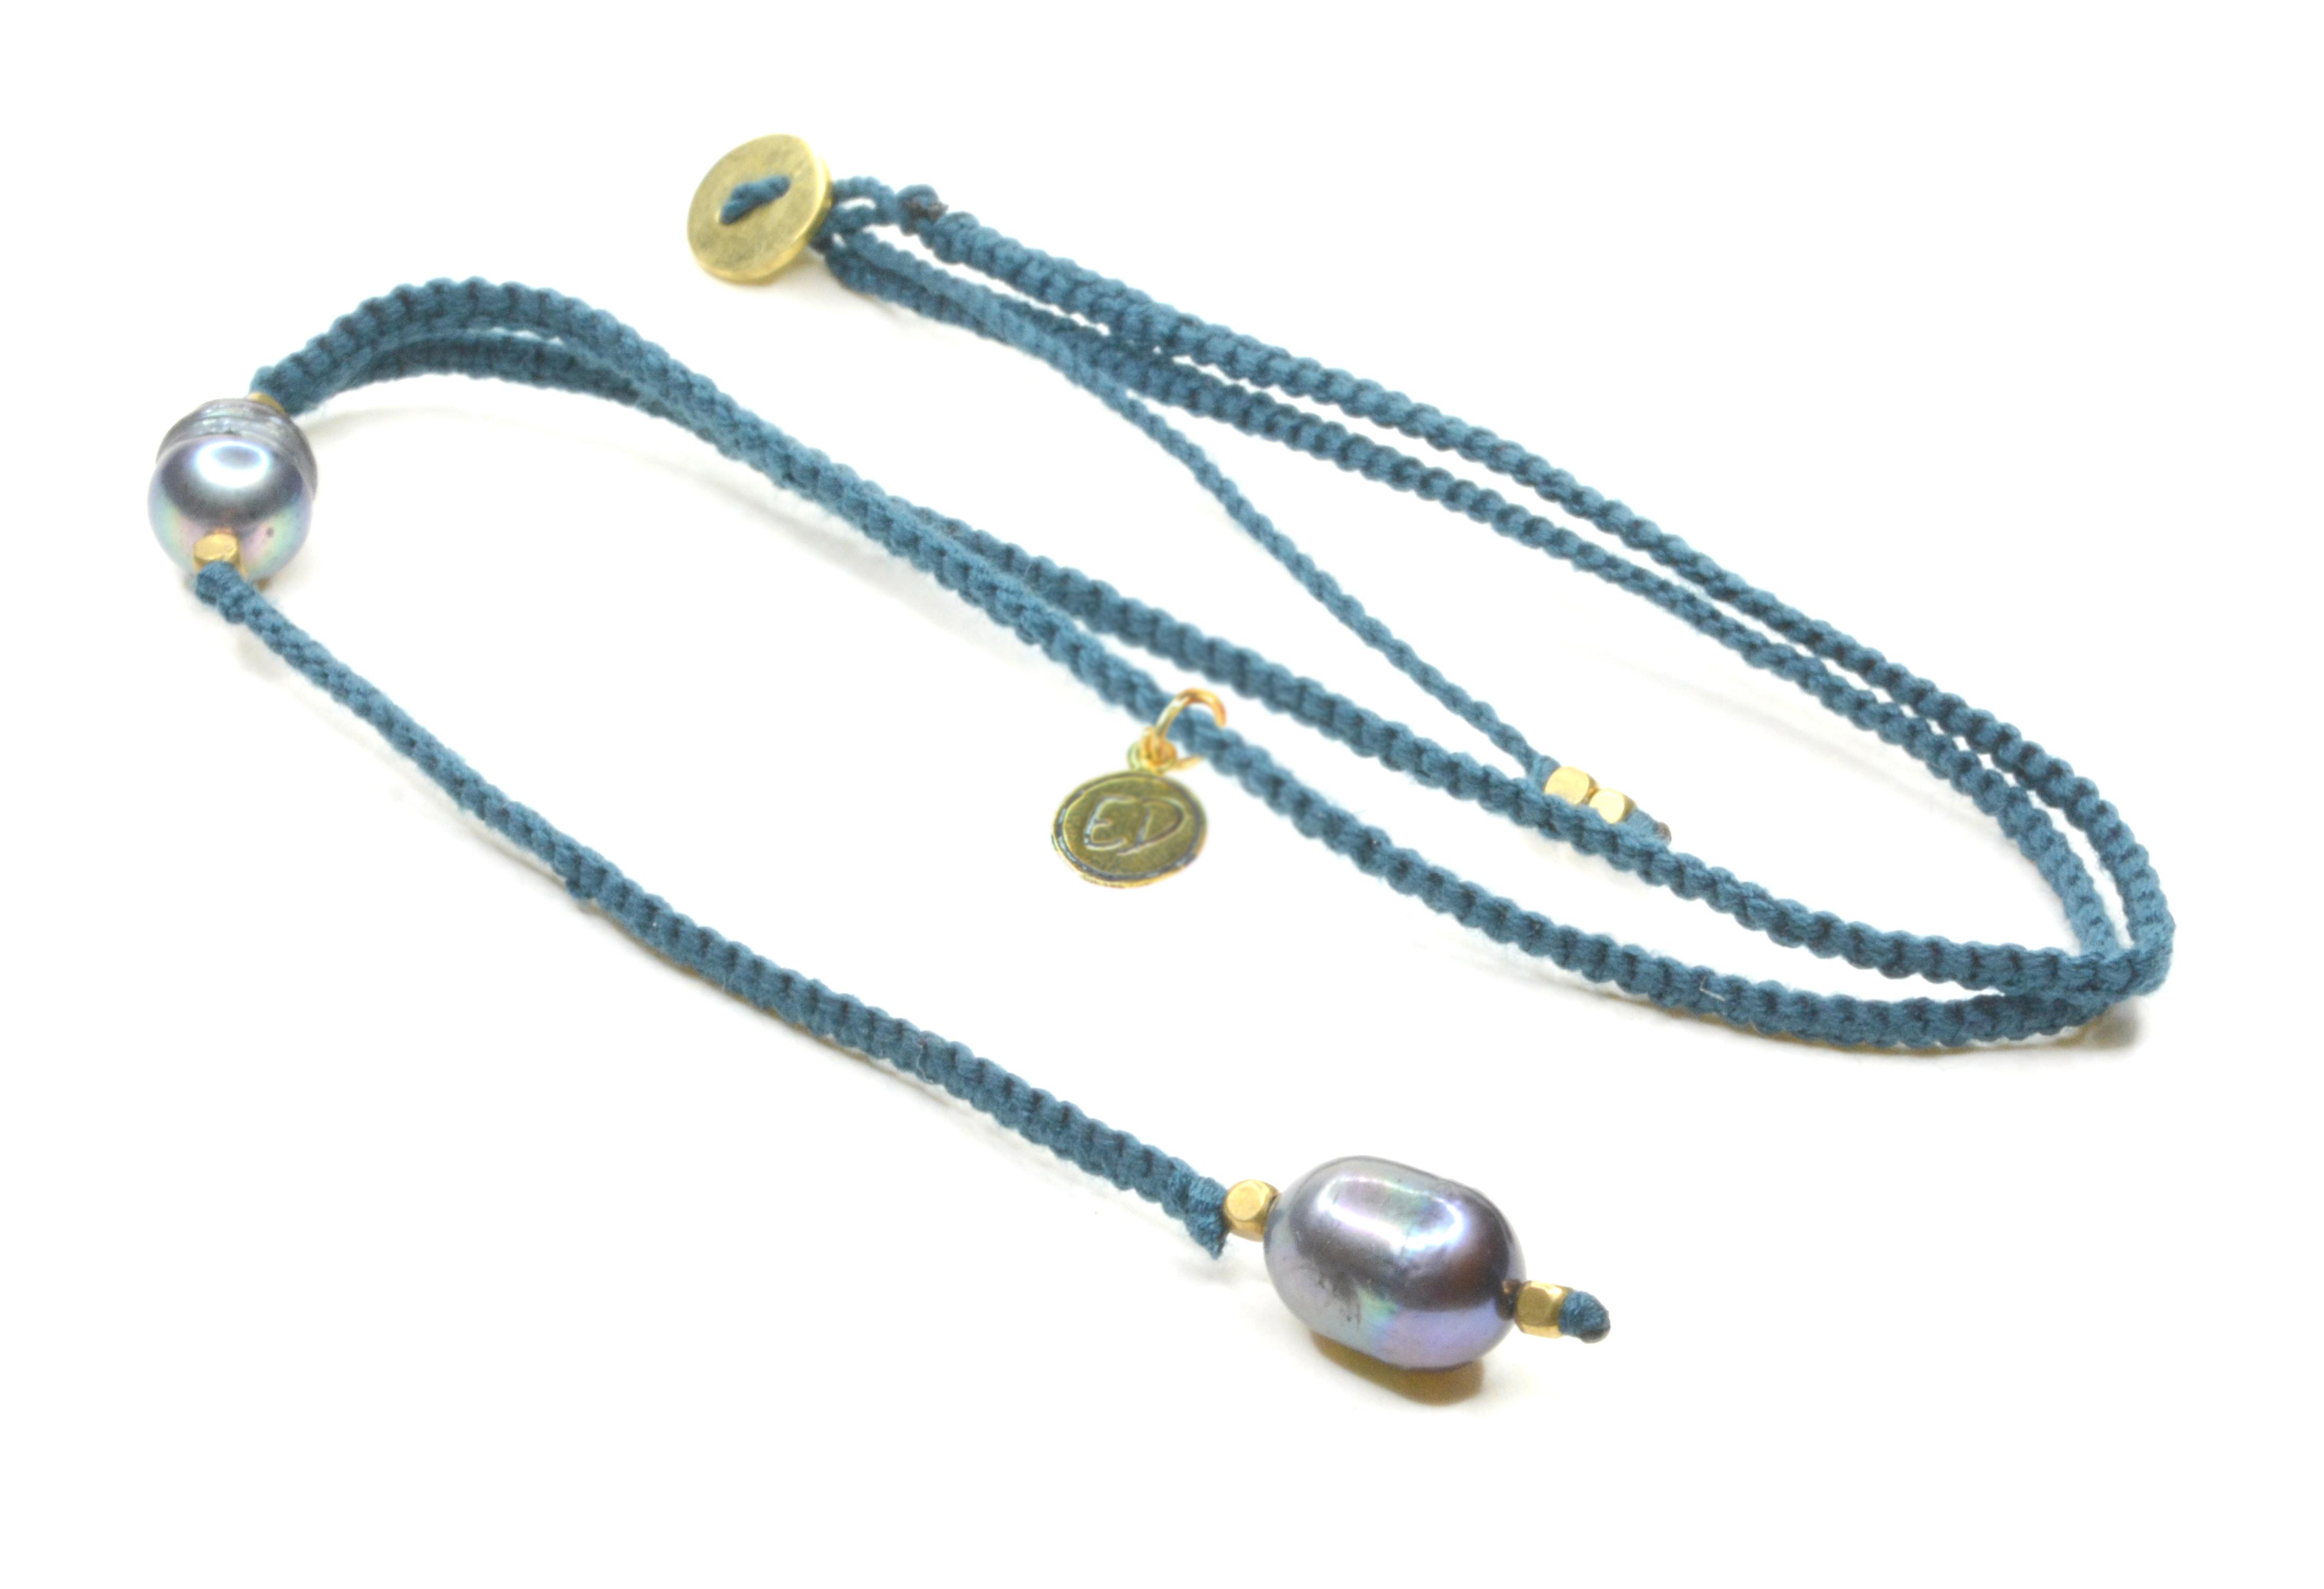 Dámsky ručne pletený náhrdelník s tmavými perlami - modrý